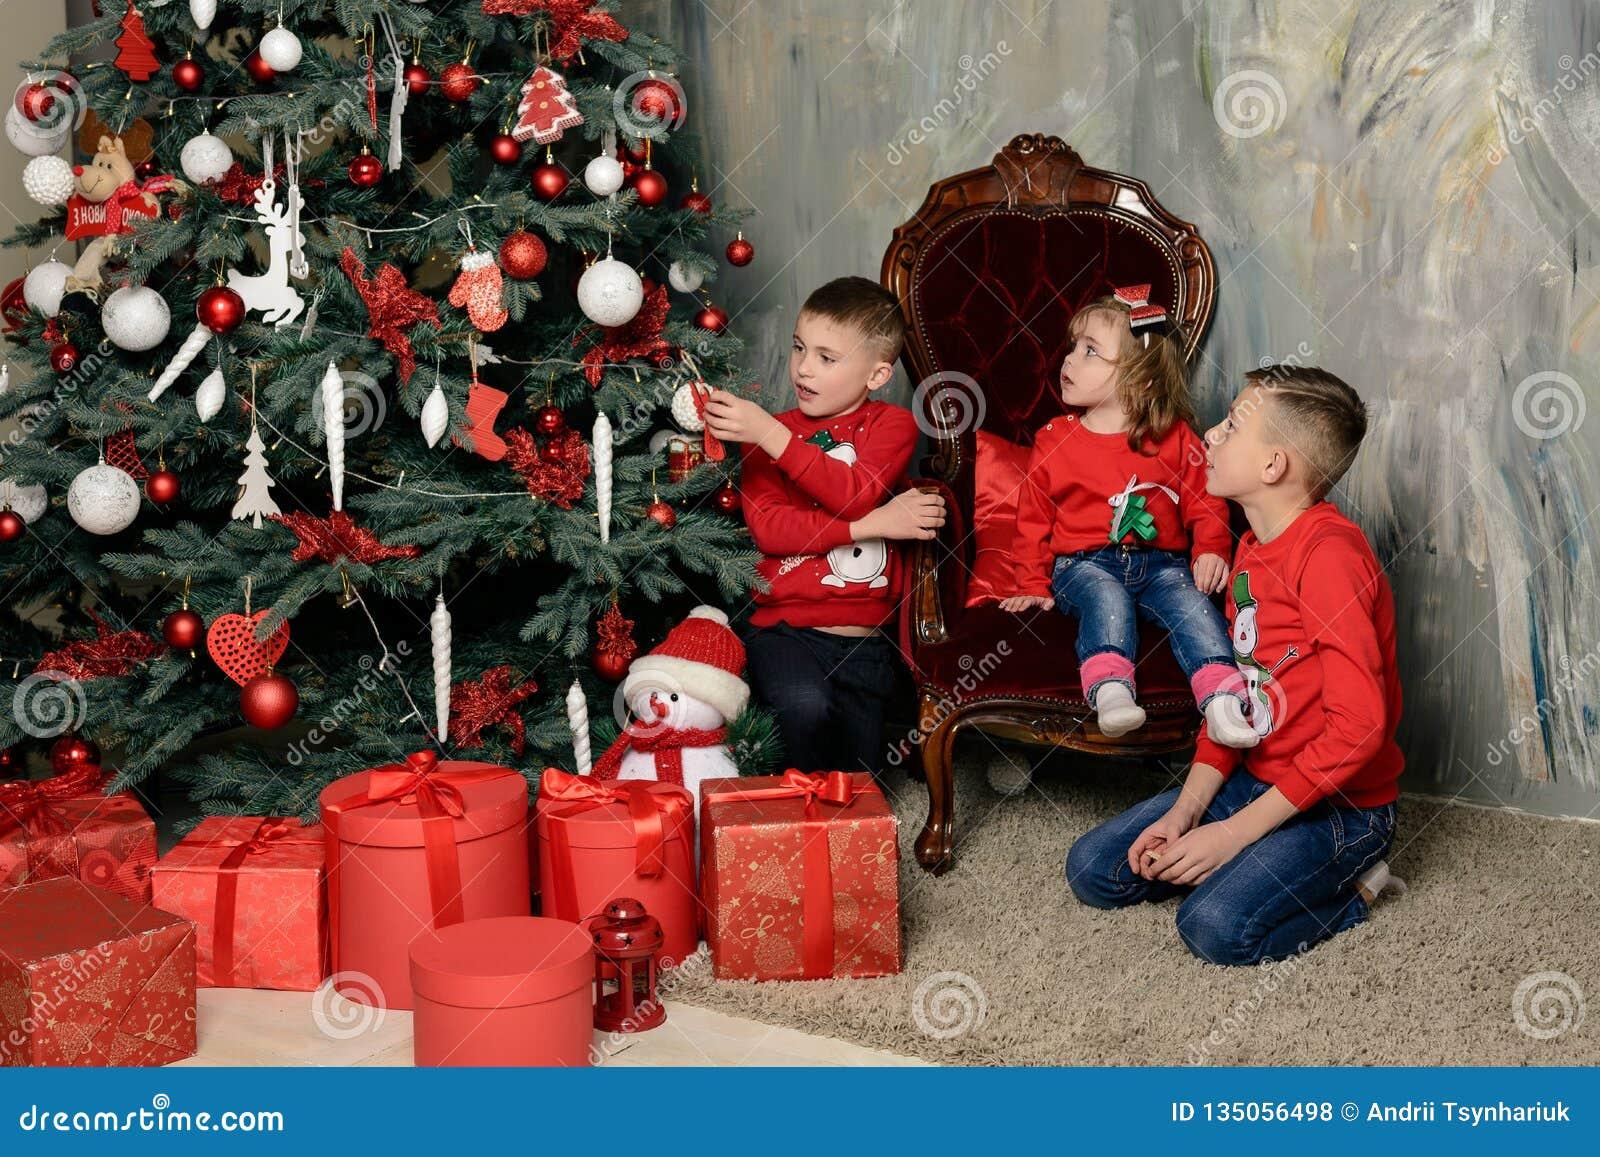 δύο ευτυχή αγόρια στην εορταστική διαφορά των δέντρων έλατου εξετάζουν τα δώρα